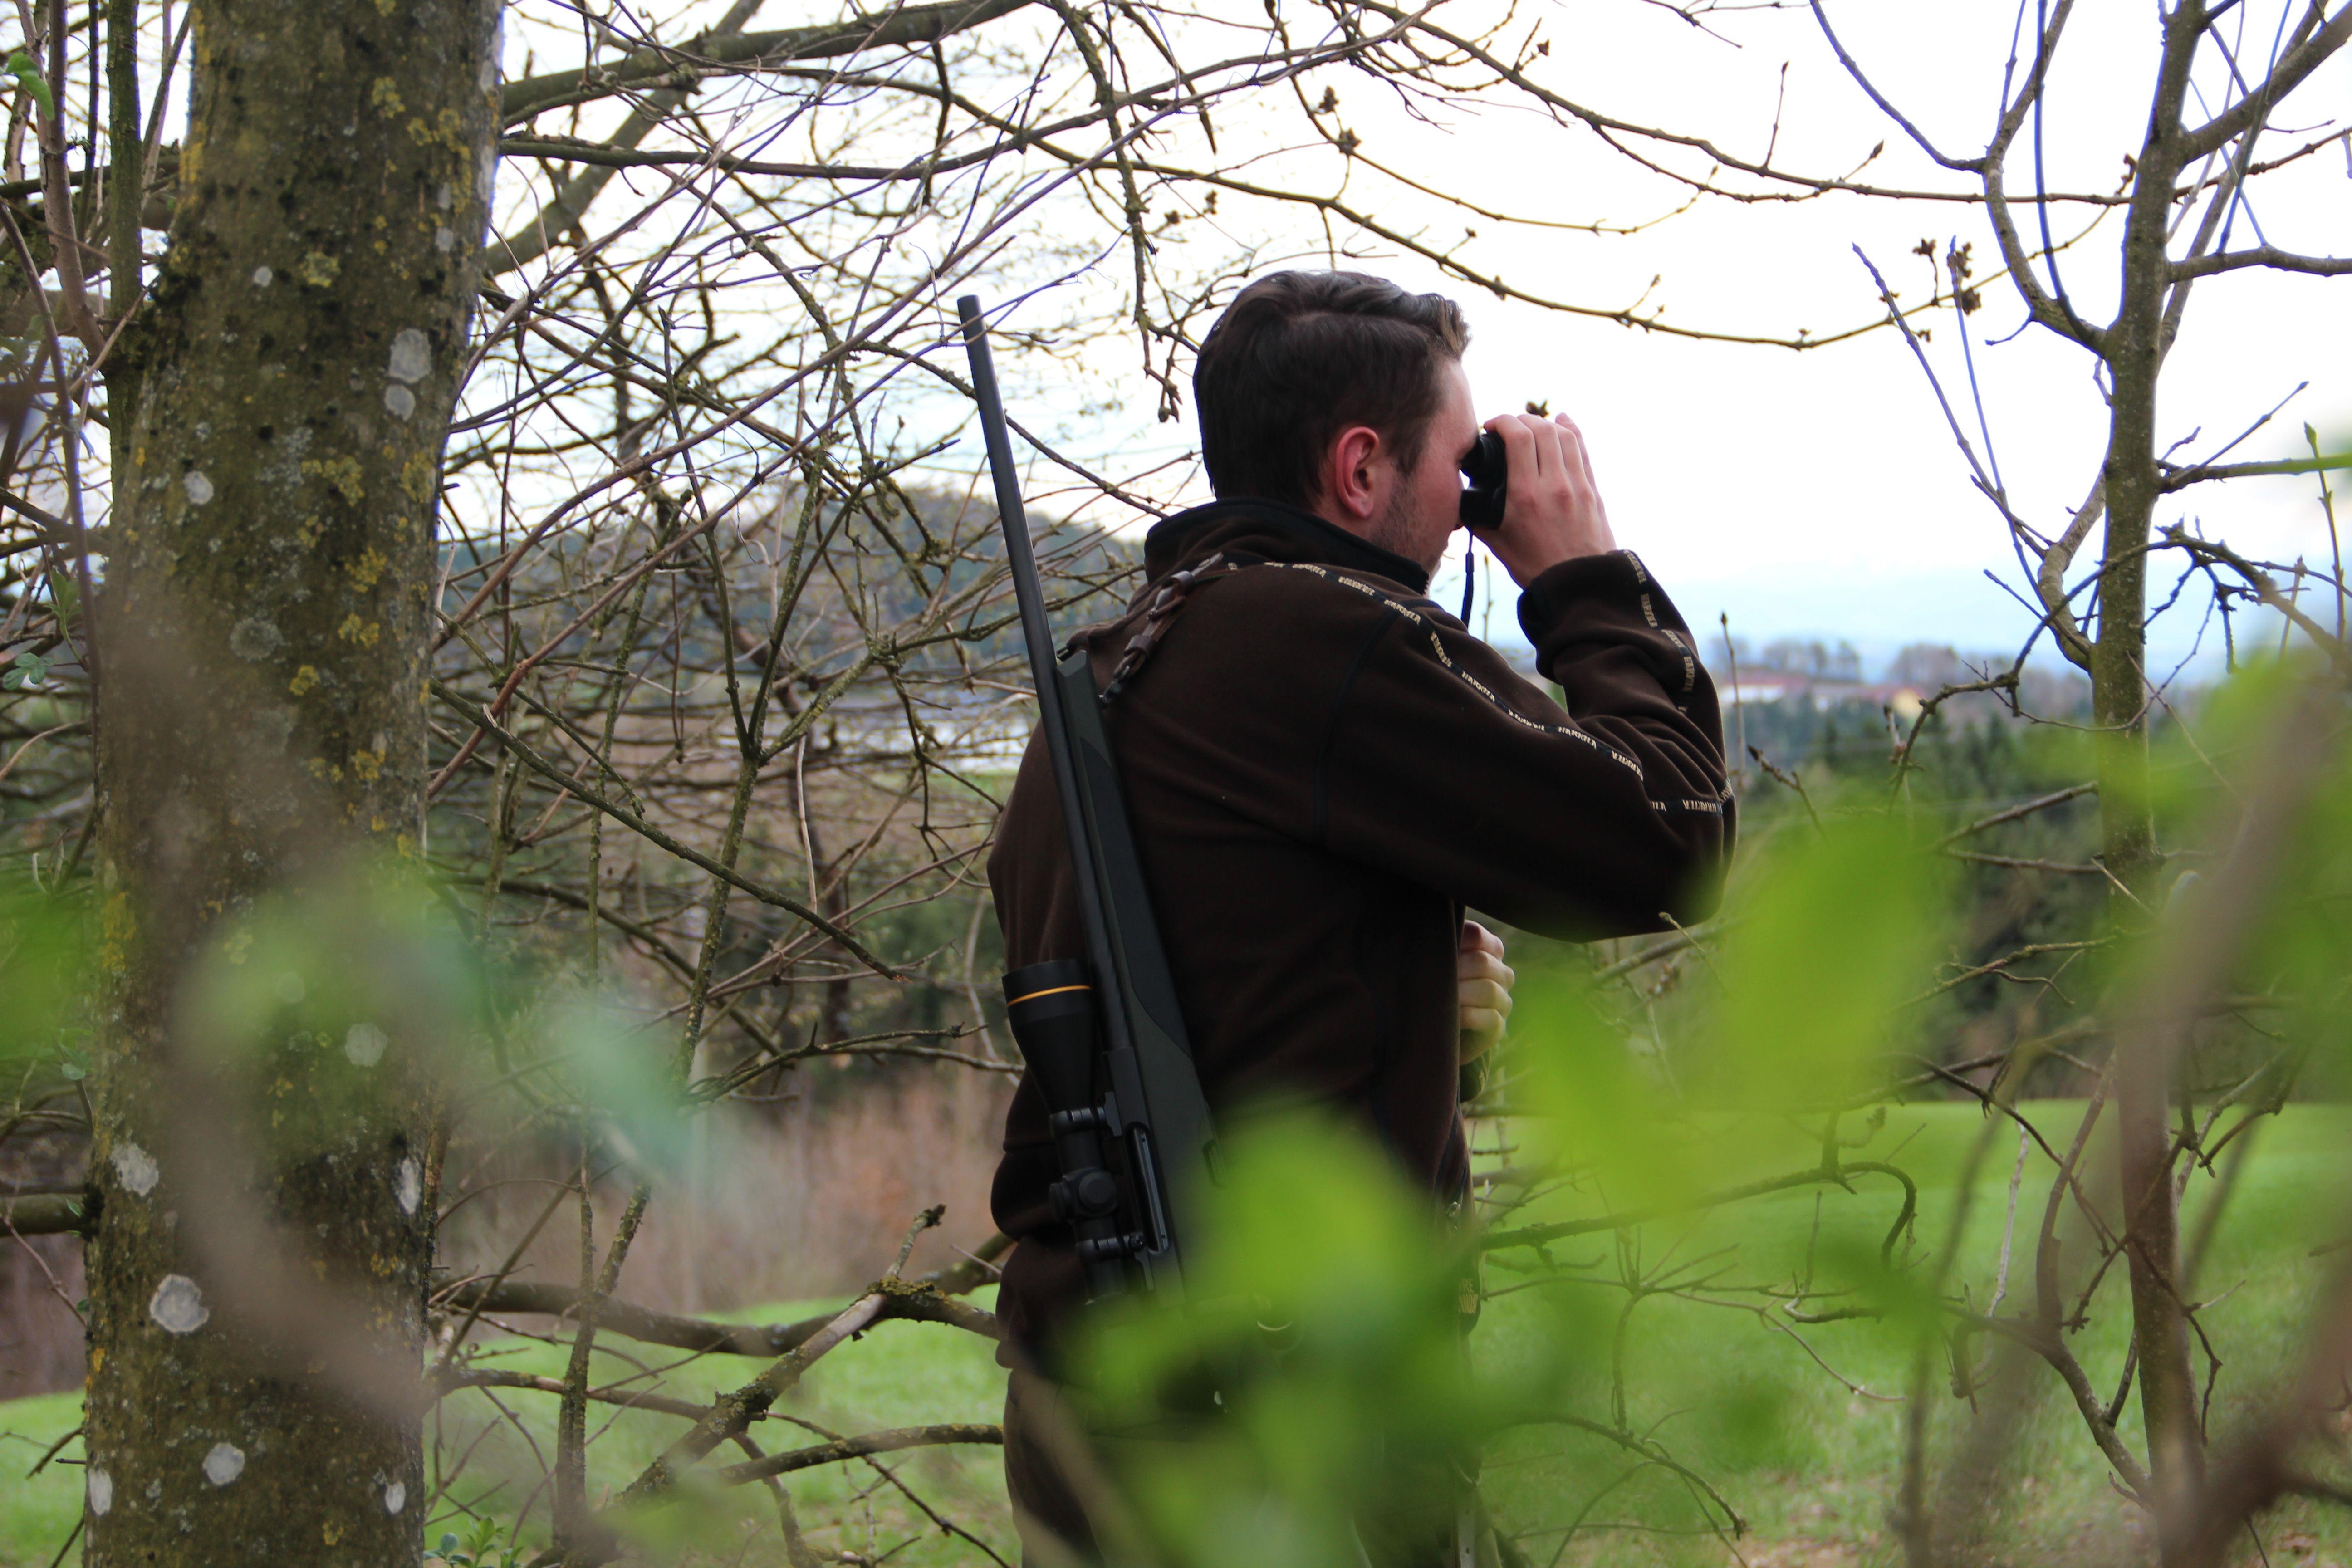 Test Entfernungsmesser Jagd : Test und vergleichsportal entfernungsmesser jagd